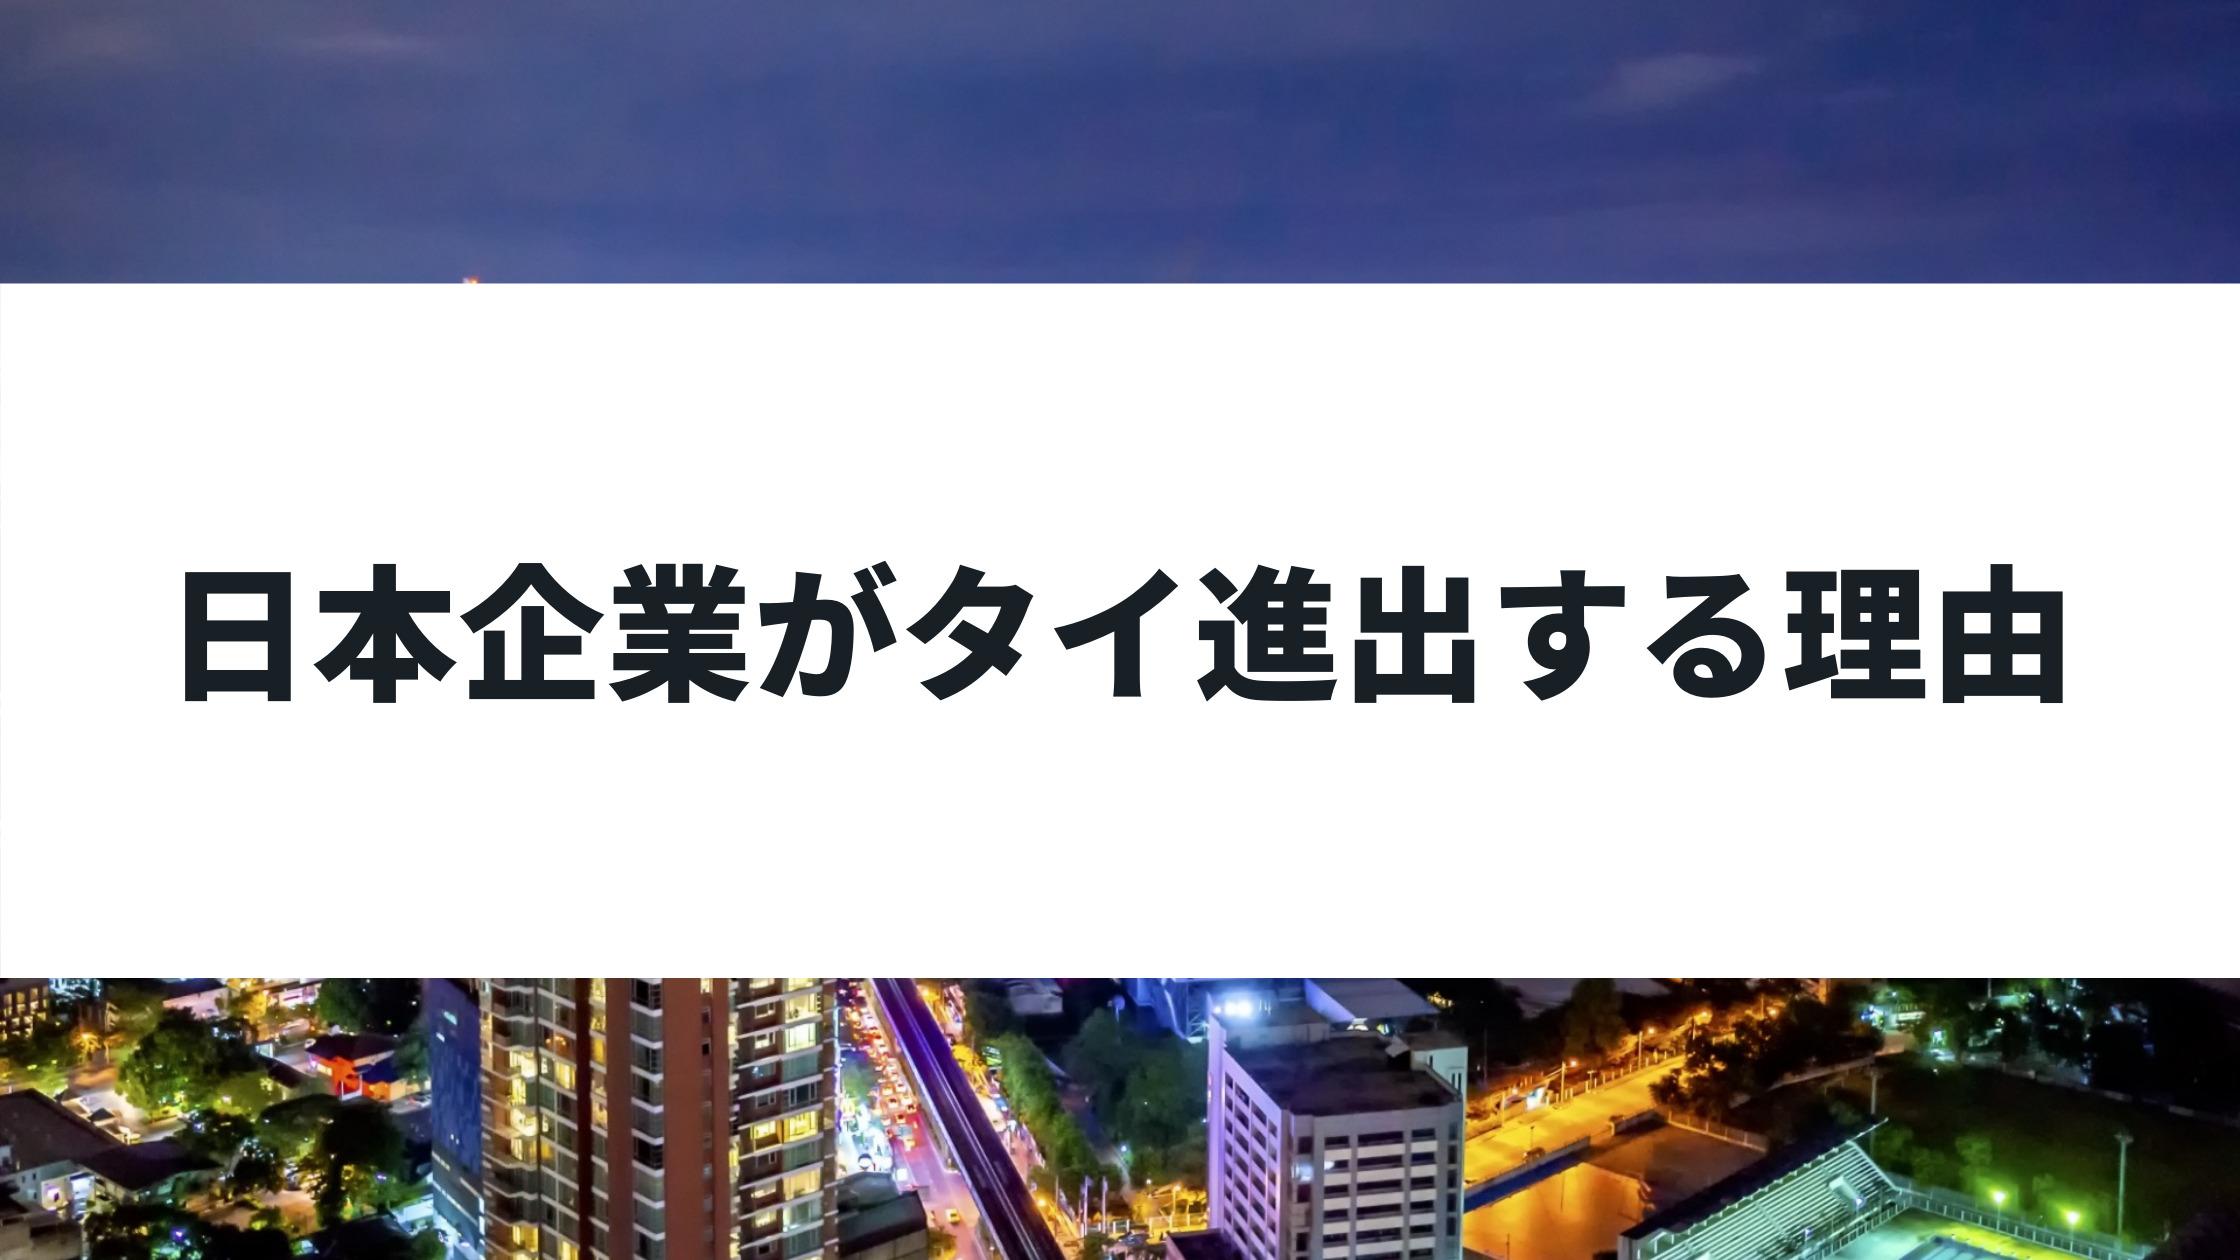 タイに日本企業が進出する理由やメリット・リスクを解説